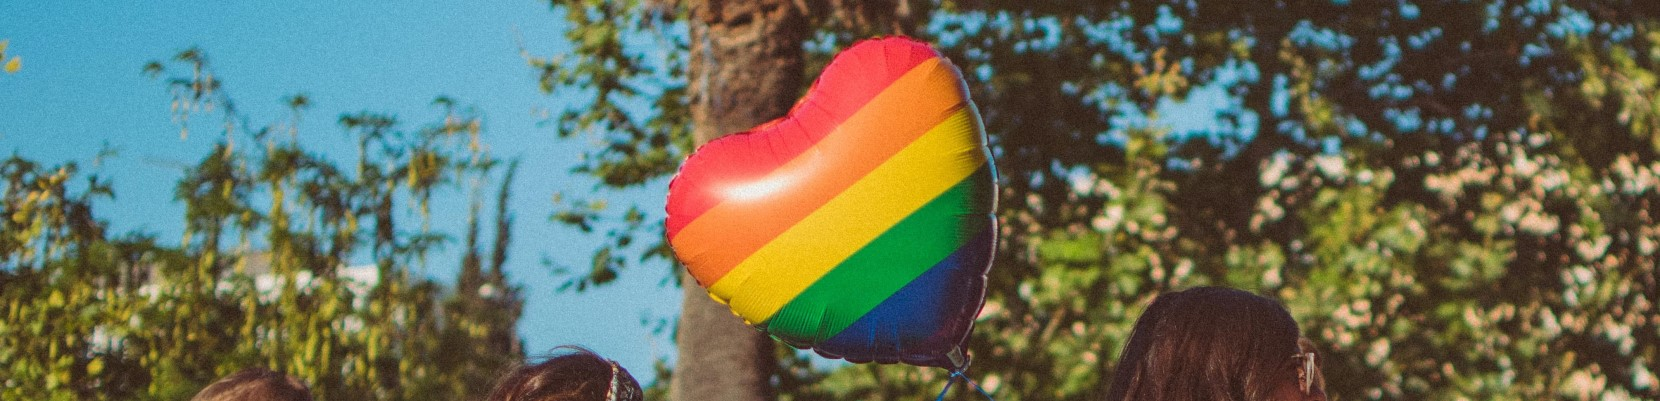 Celebrating LGBTQ Pride